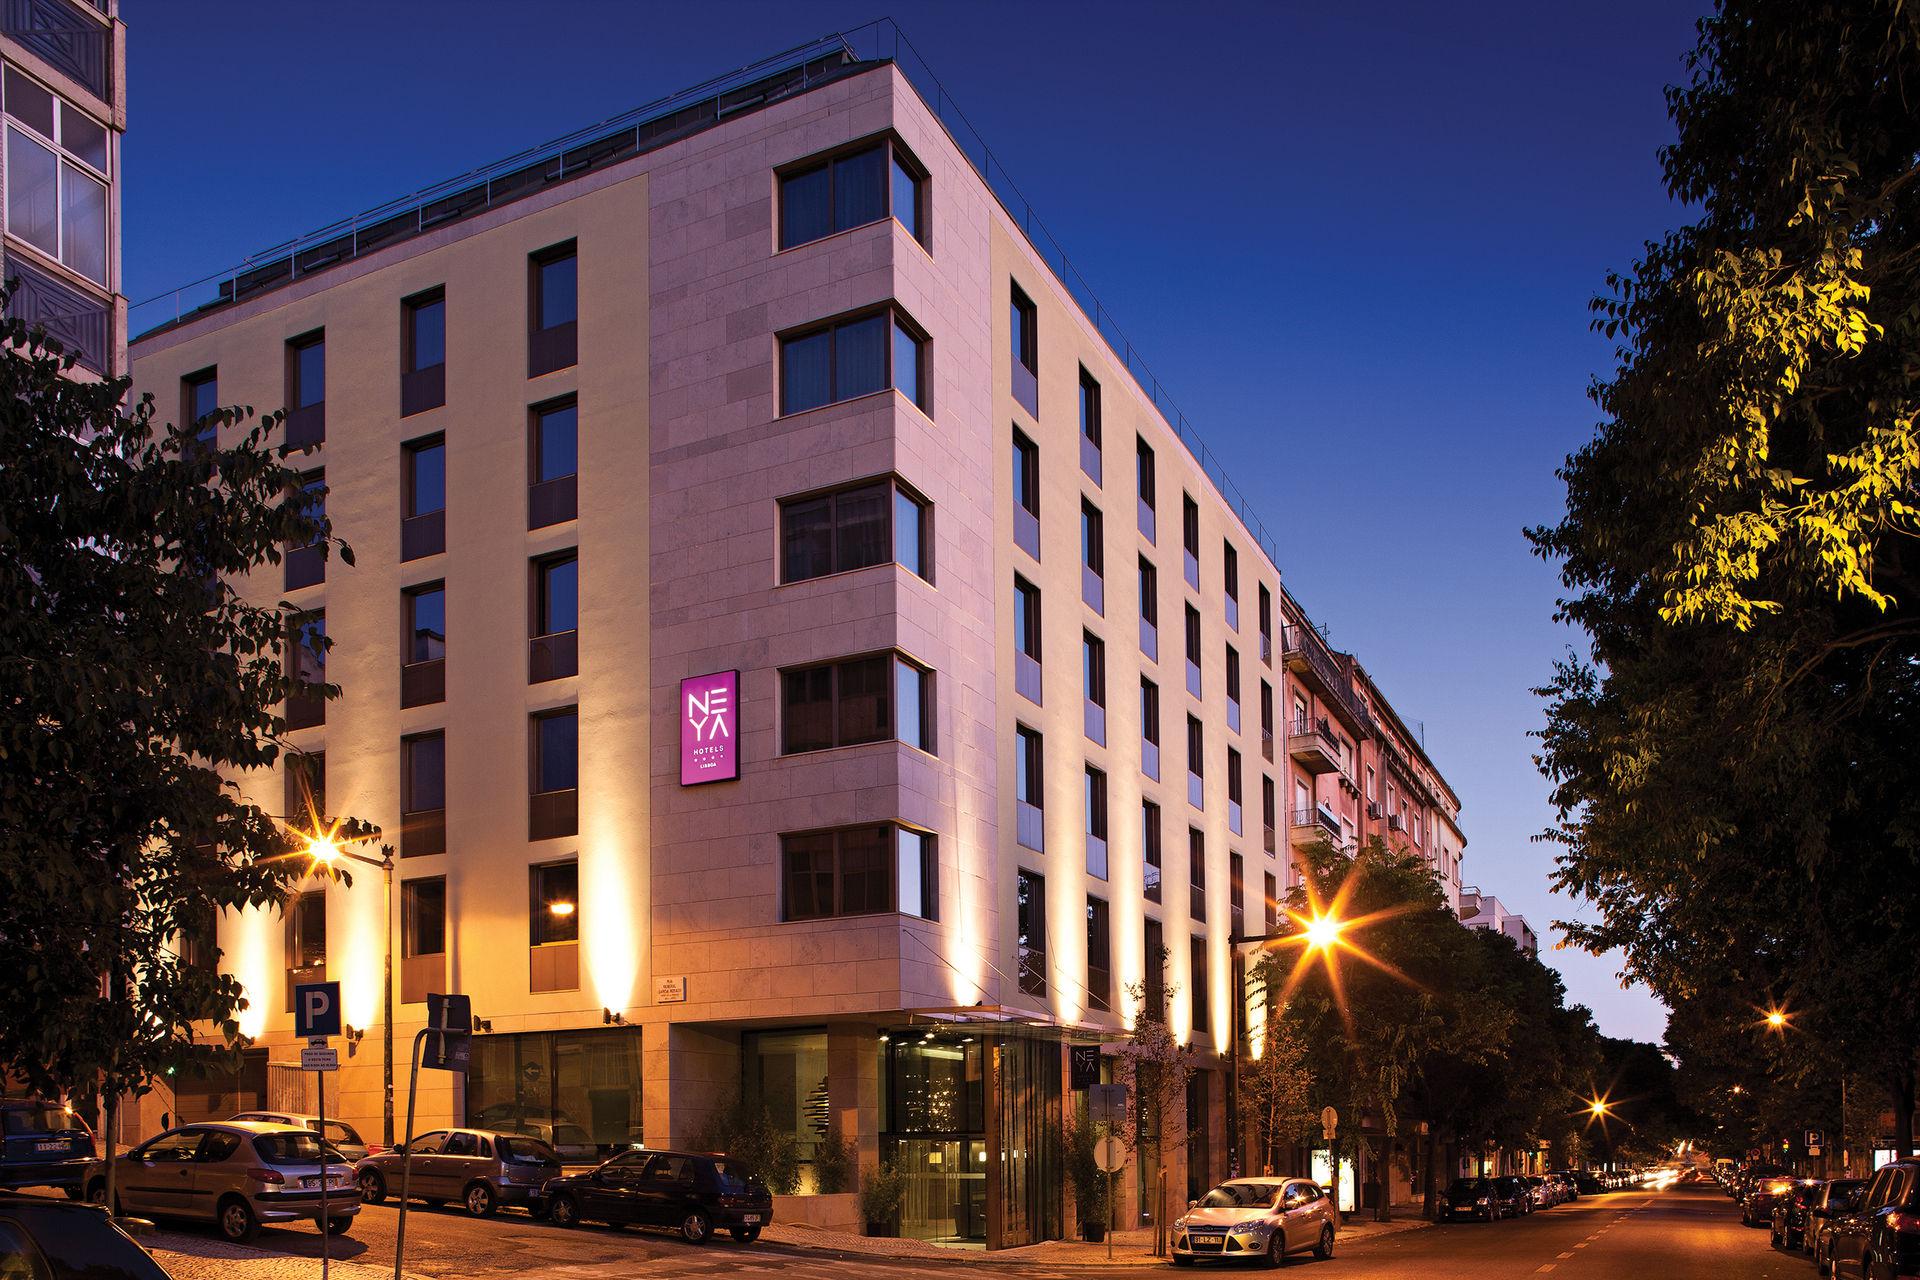 Neya  Lisboa hôtel 4*